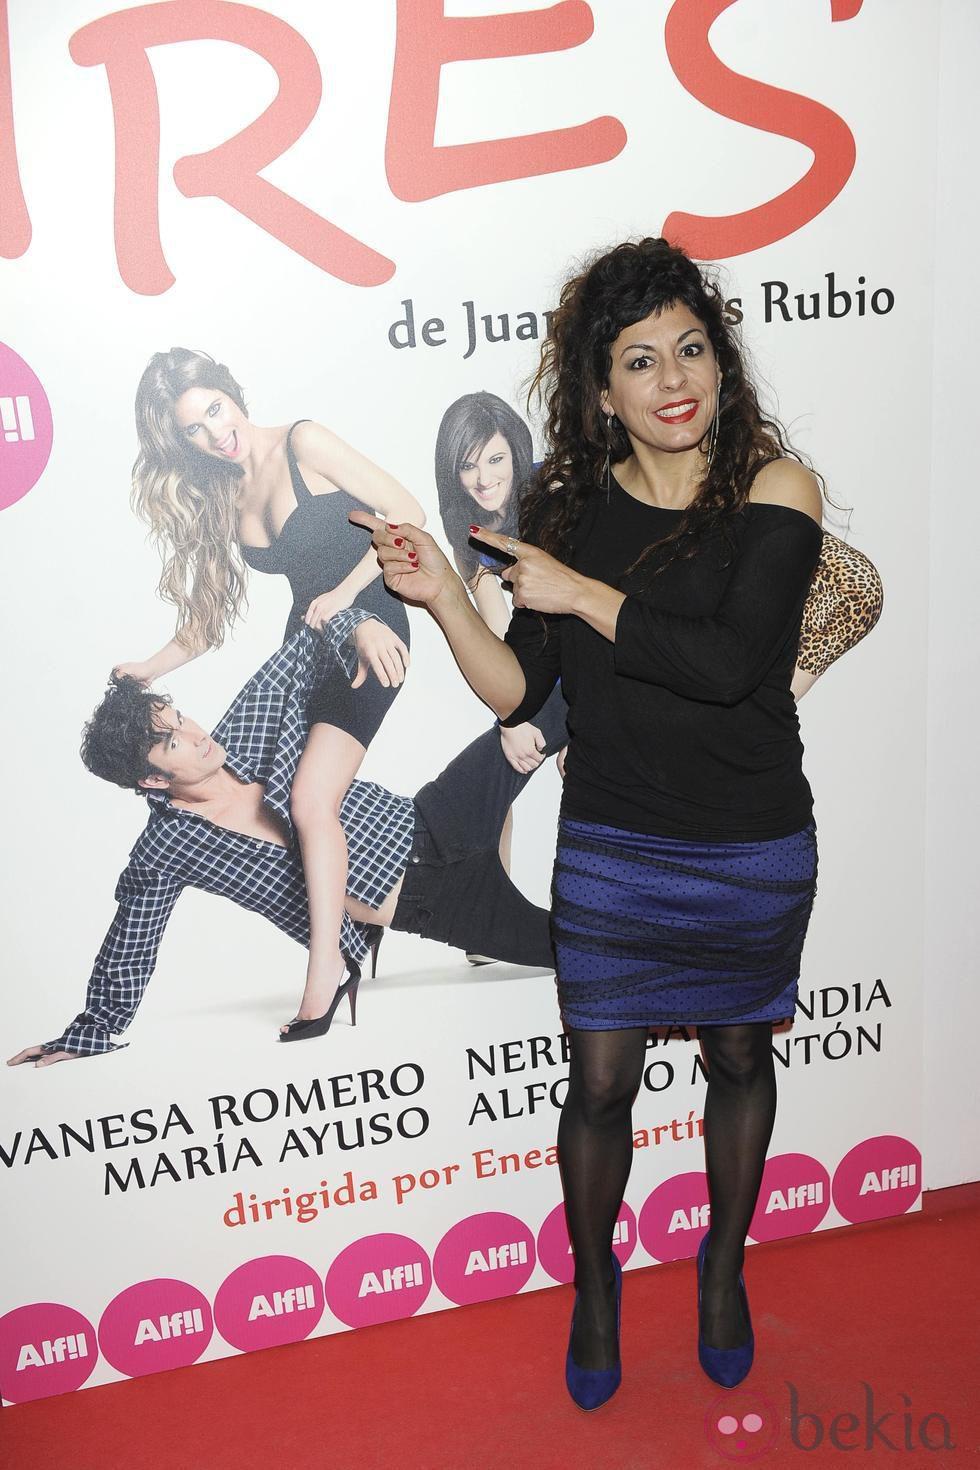 Cristina Medina en el estreno de 'Tres'